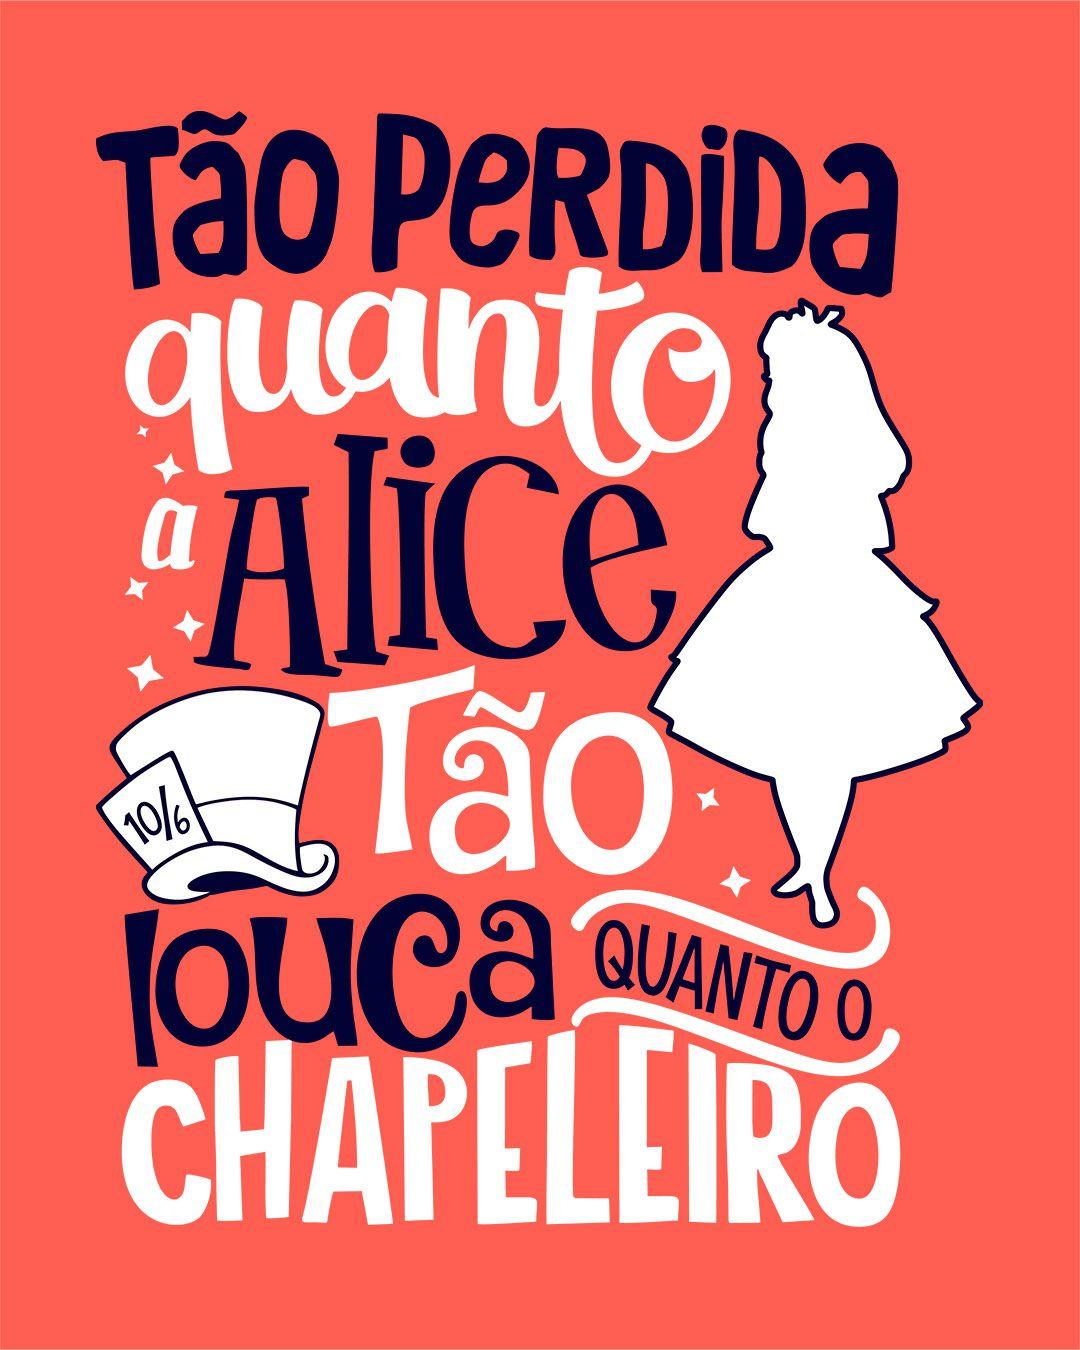 Camiseta Tão perdida quanto a Alice, tão louca quanto o Chapeleiro